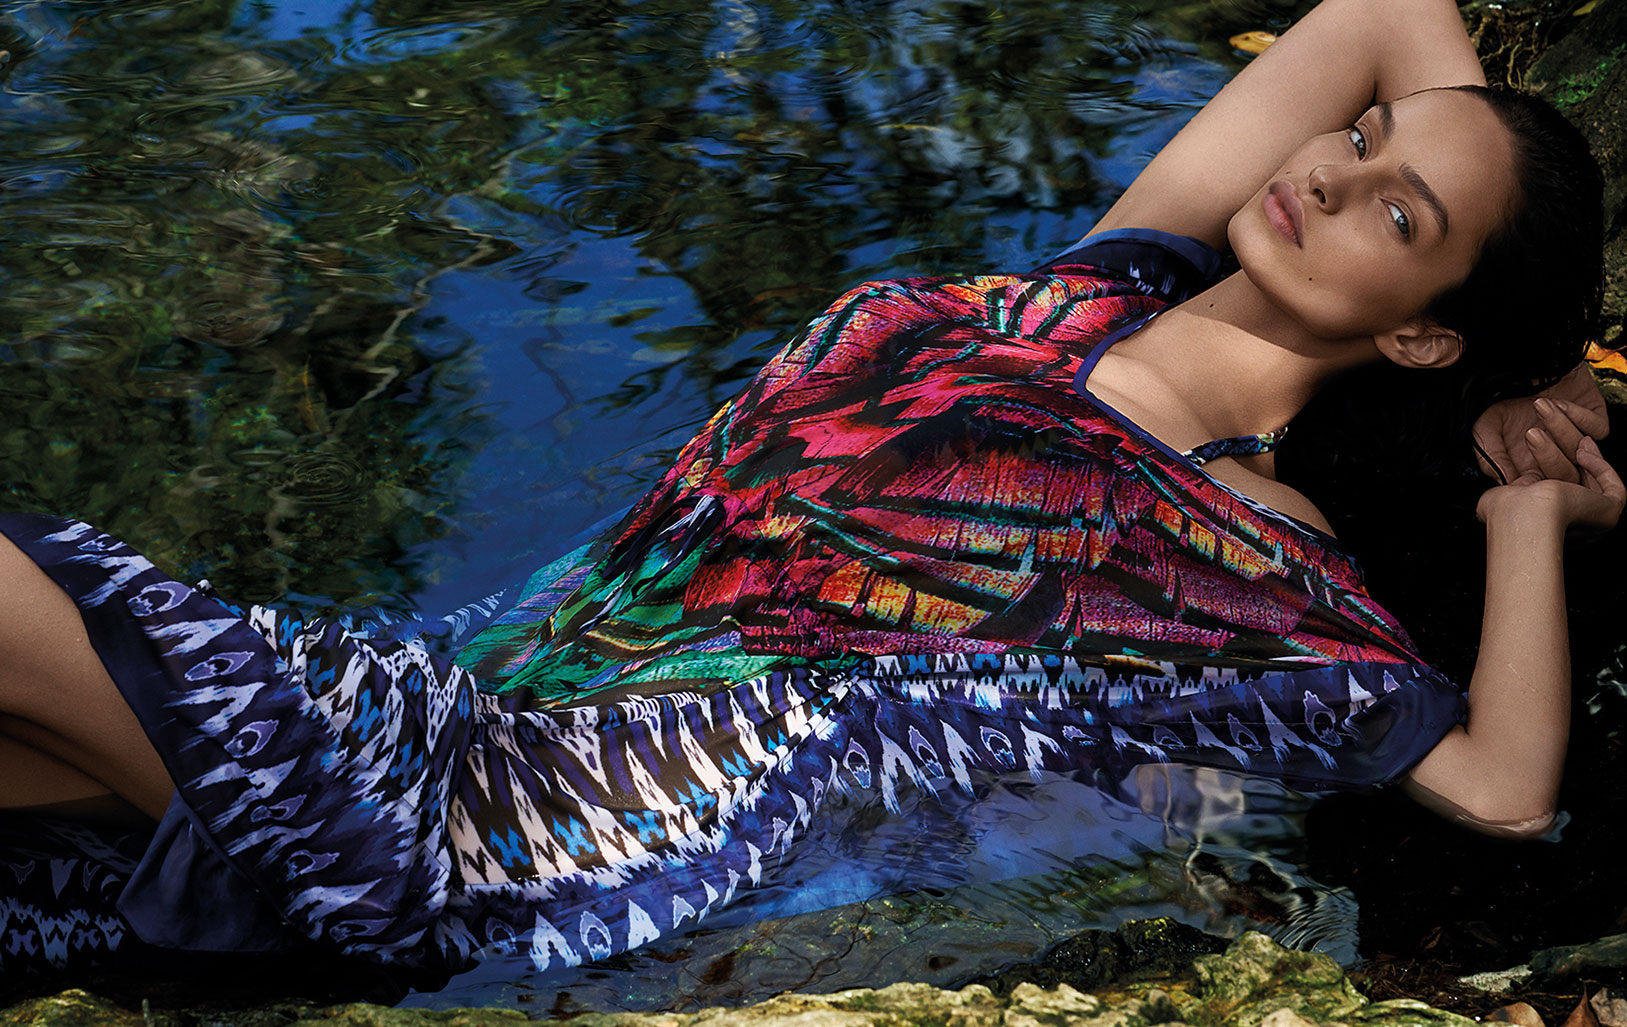 Лума Гроте в купальниках и пляжной одежде модного бренда Cia Maritima / фото 09